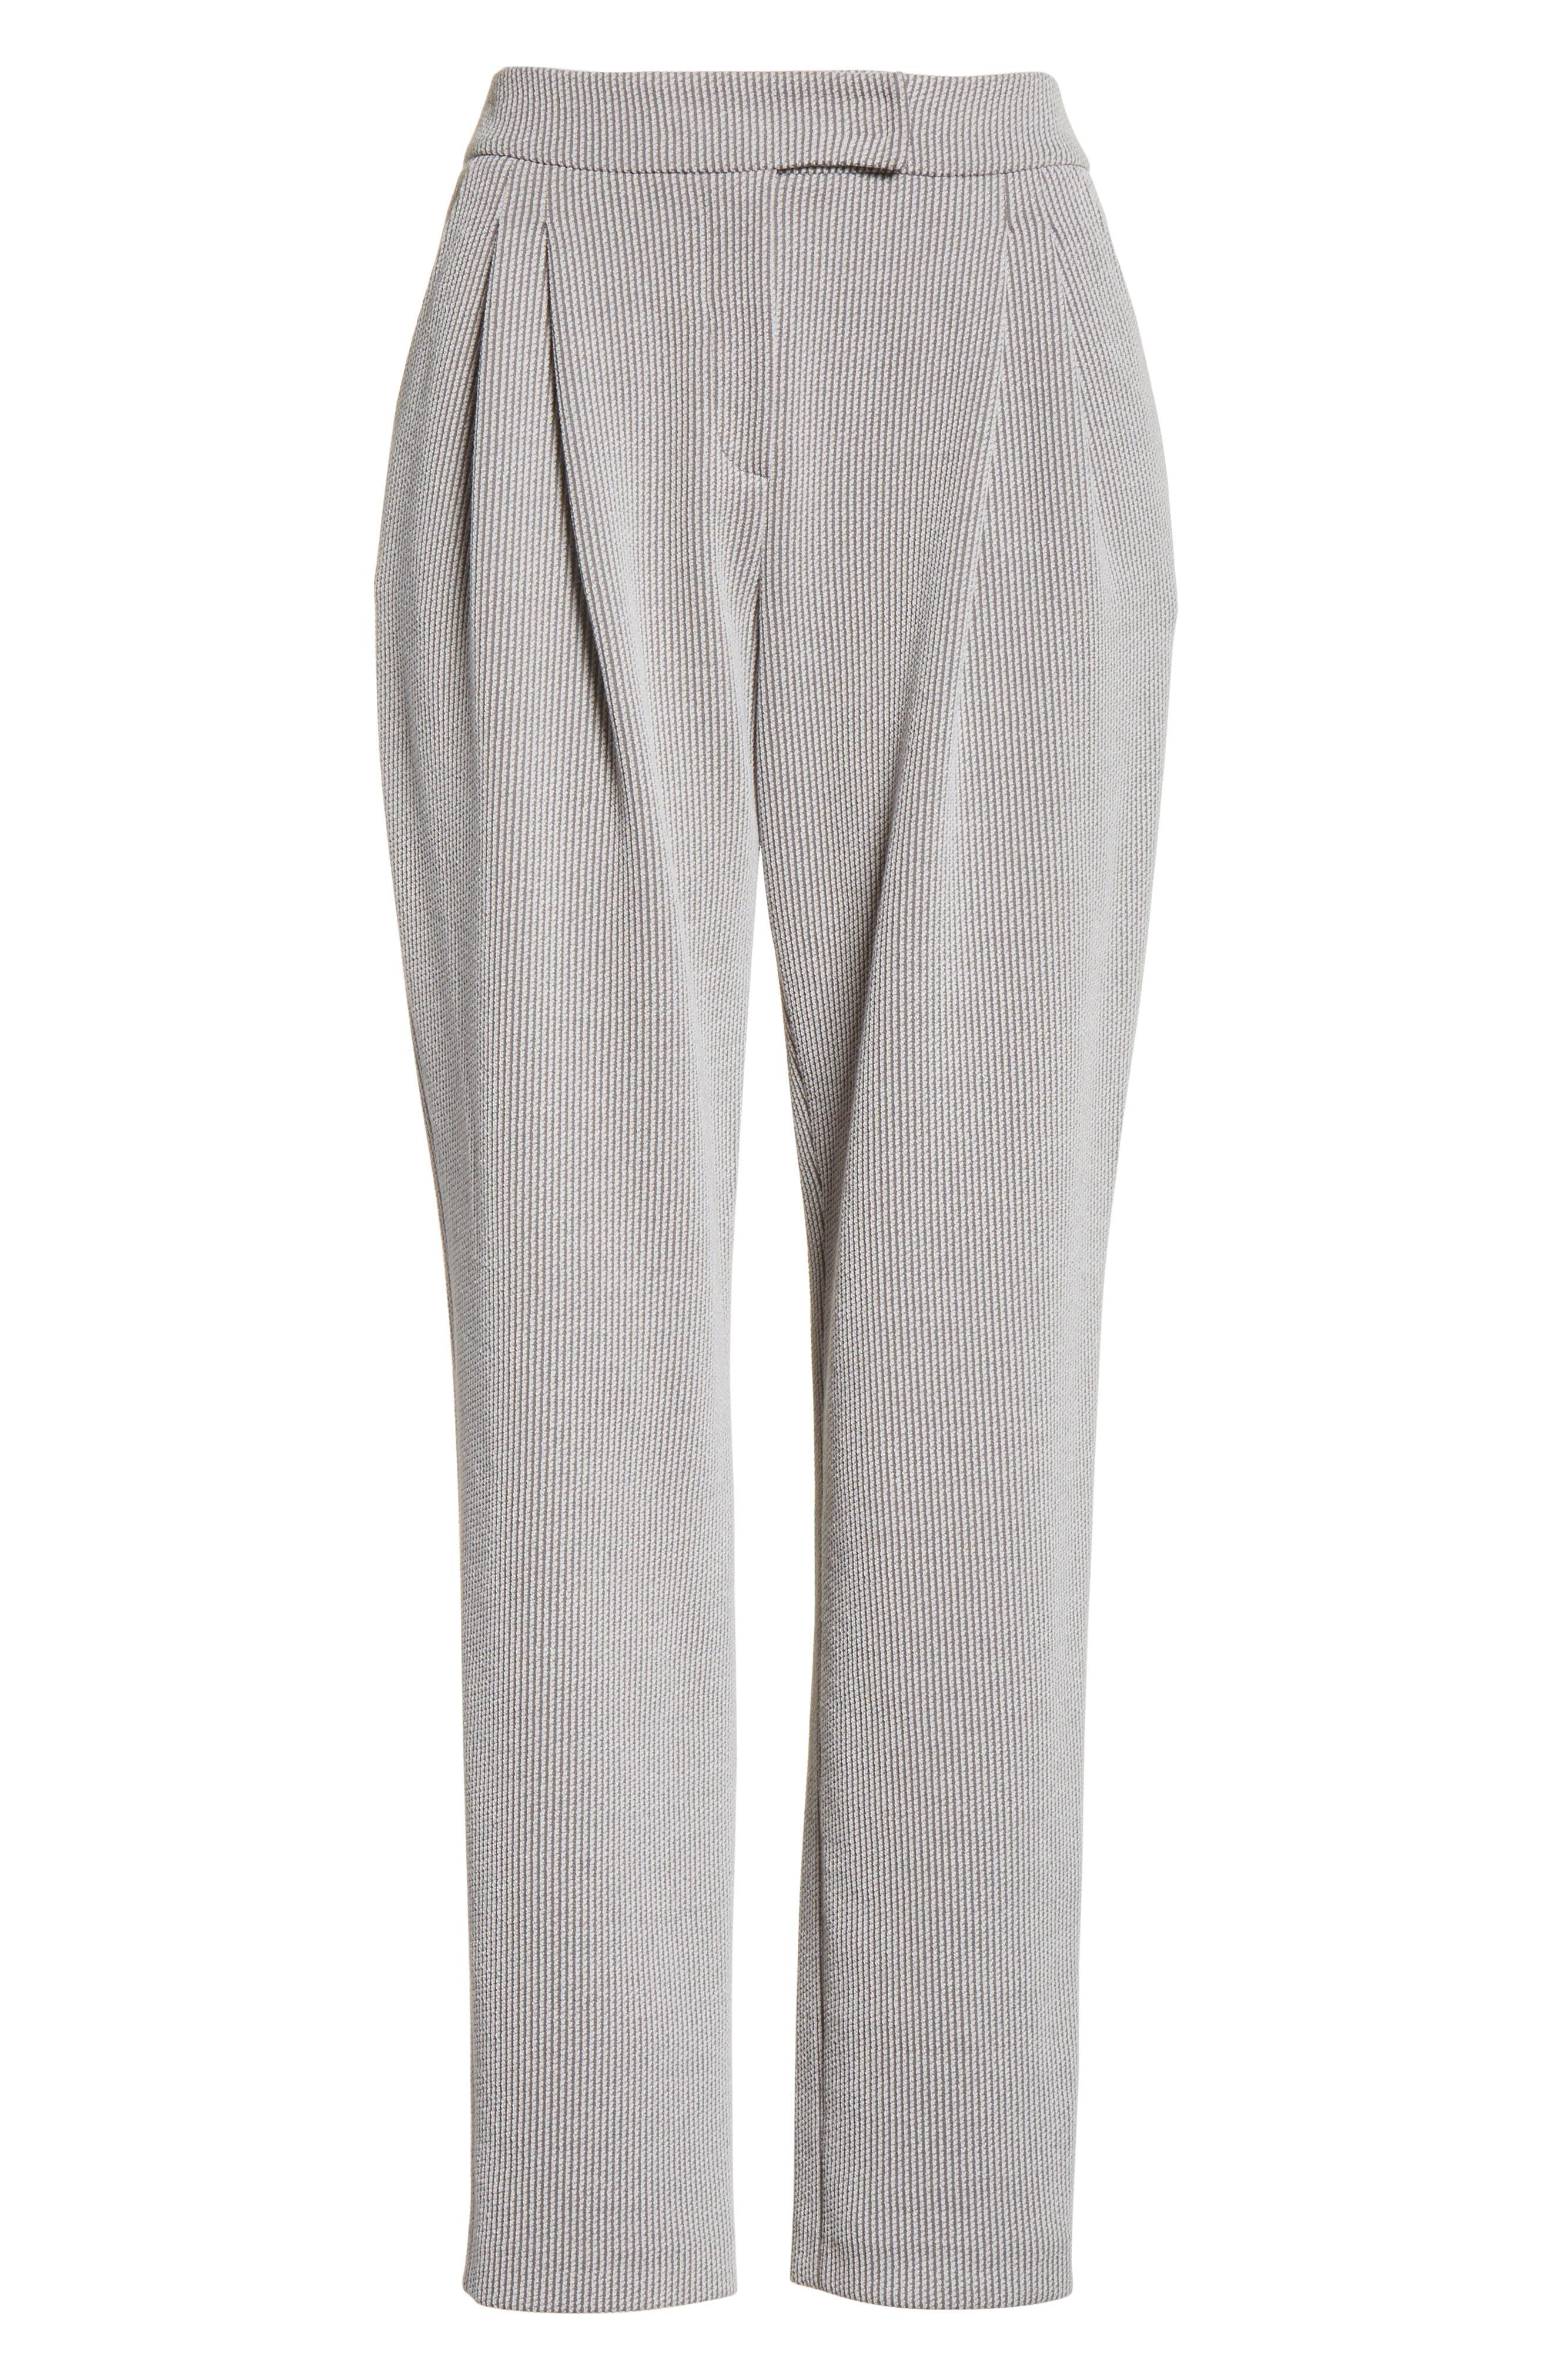 Pleated Stripe Jacquard Pants,                             Alternate thumbnail 8, color,                             Grey Multi